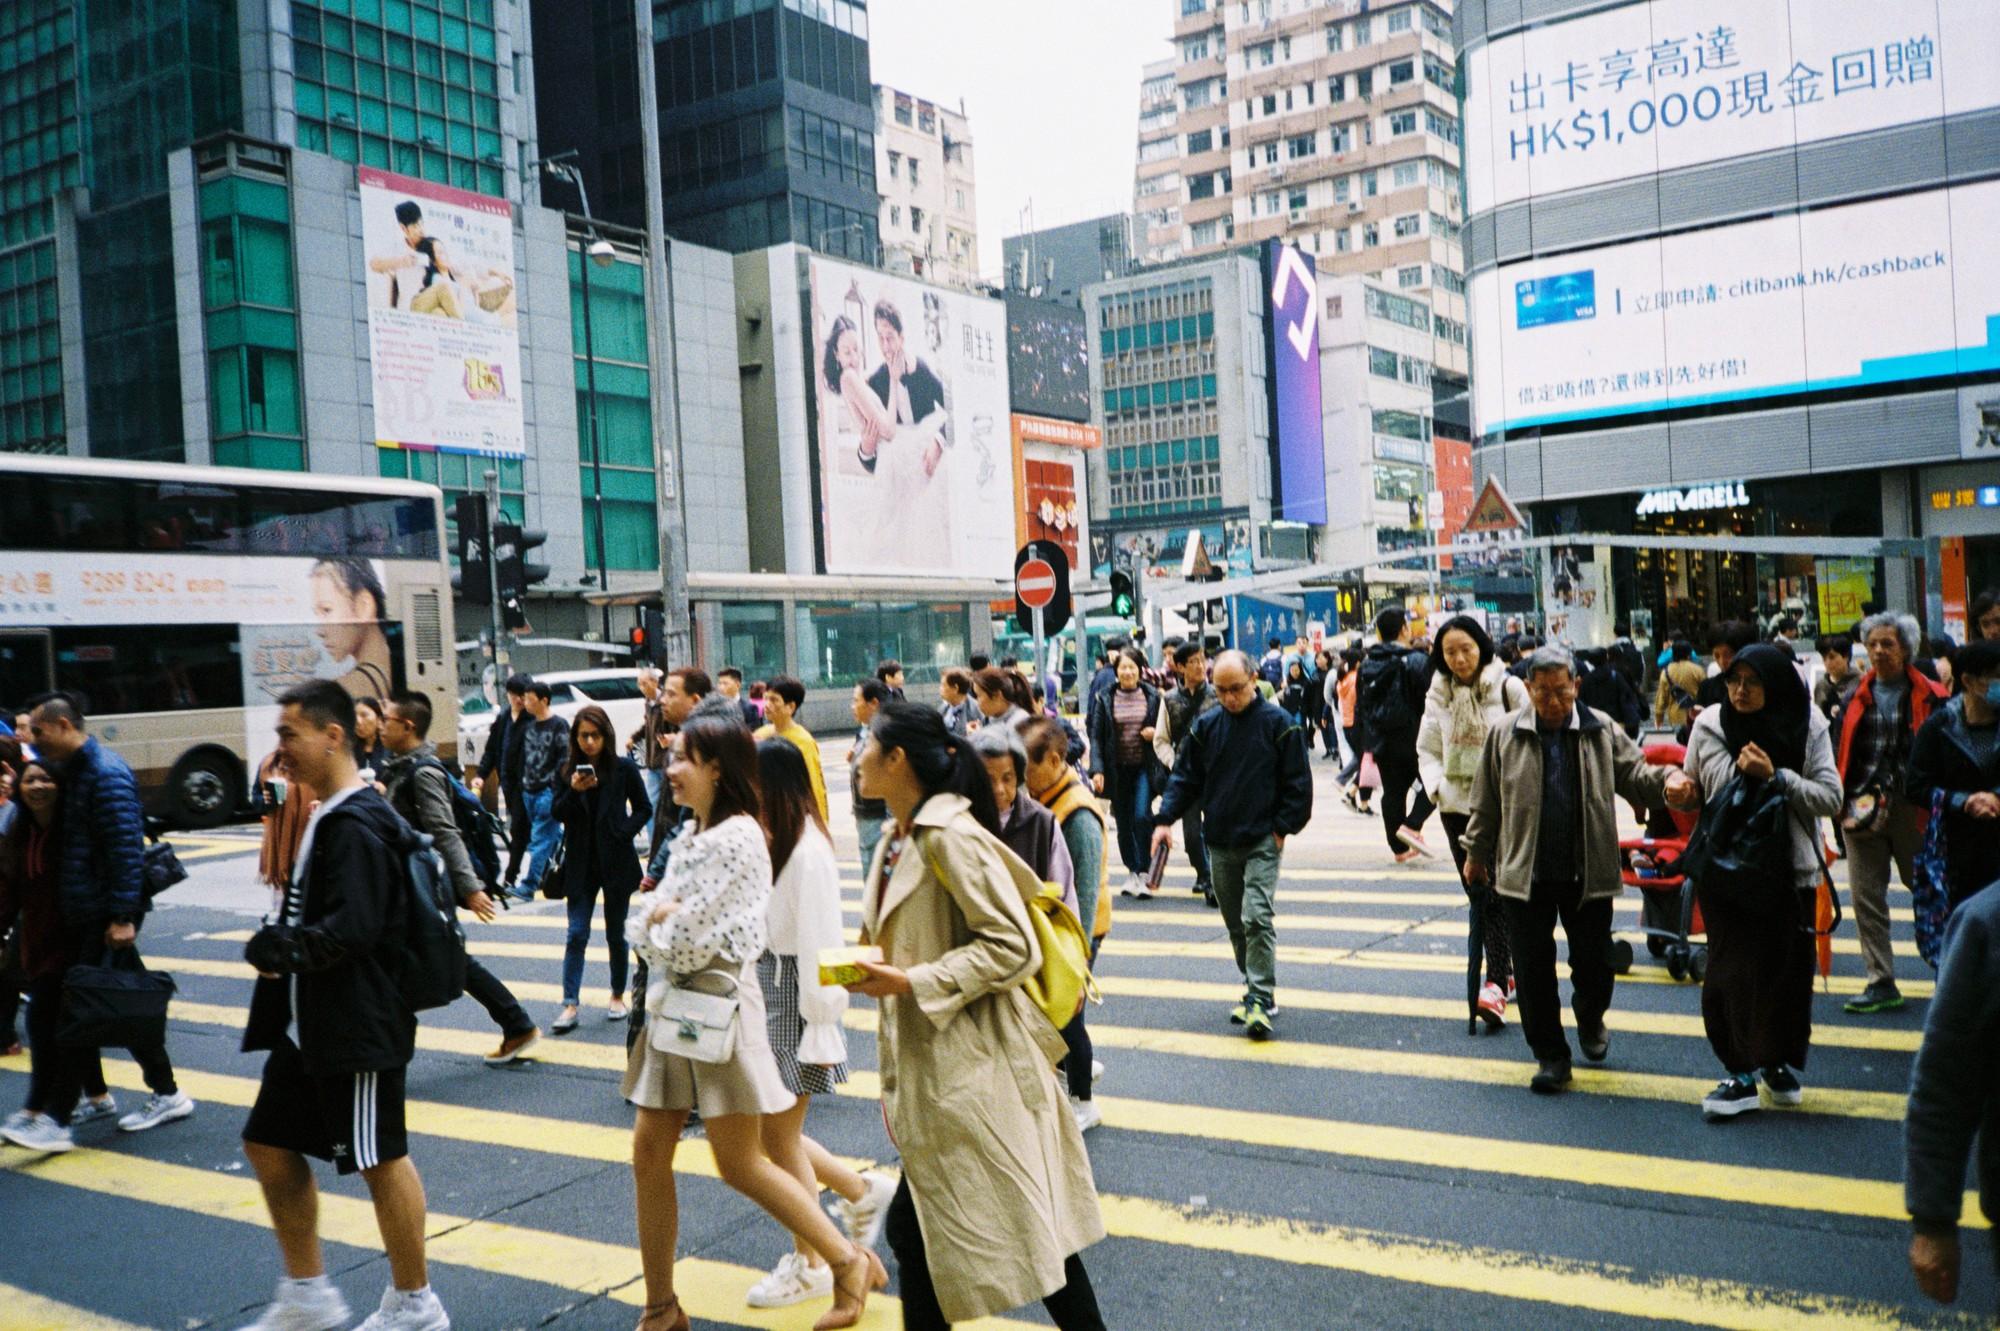 Hong Kong đẹp đến ngỡ ngàng qua những thước ảnh film của chàng trai Sài Gòn: Ai mà ngờ những tấm hình này được chụp vào năm 2019 kia chứ! - Ảnh 1.